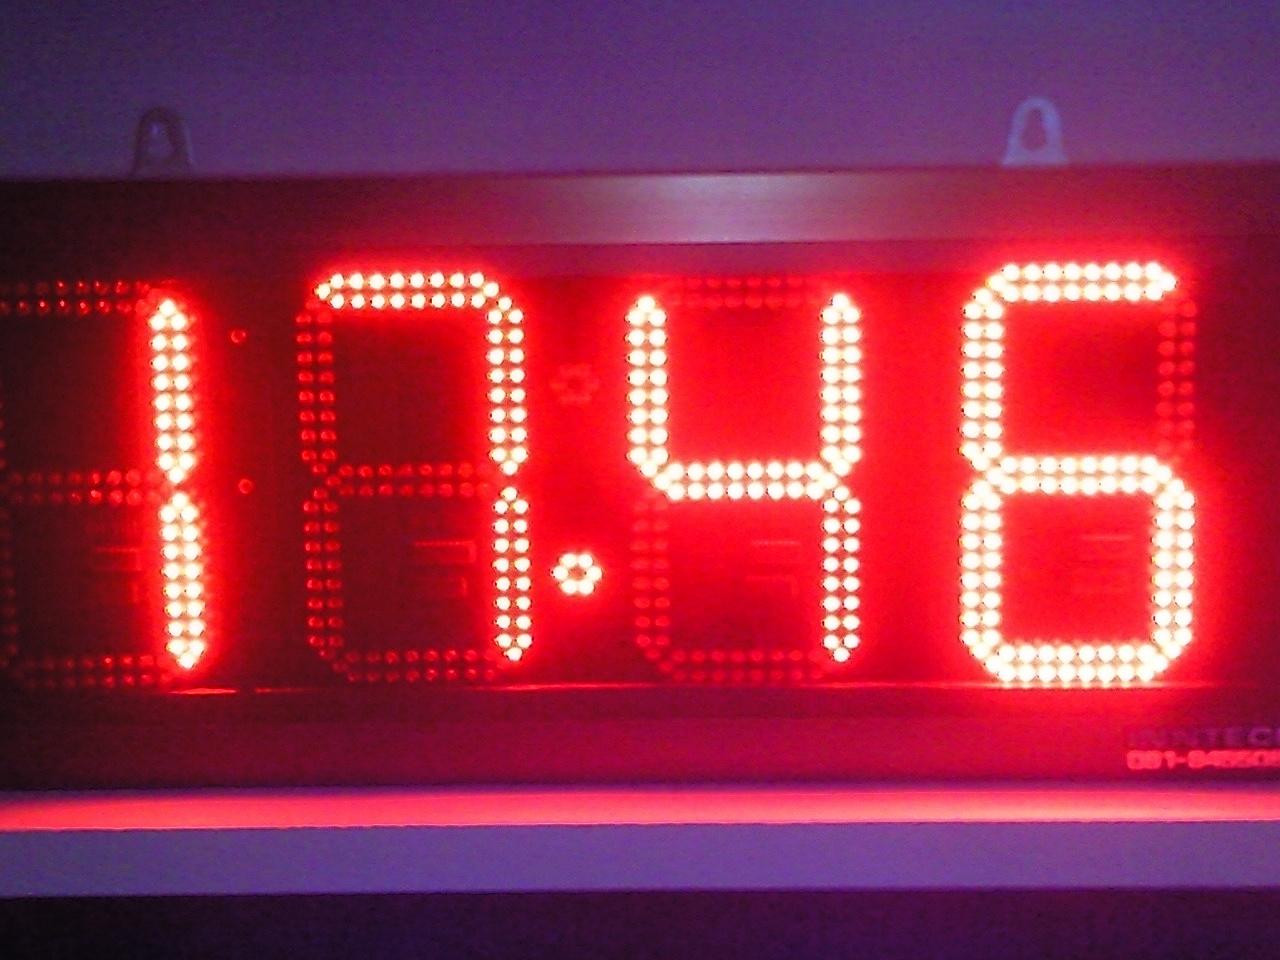 นาฬิกาดิจิตอลLED 9นิ้ว 4หลัก